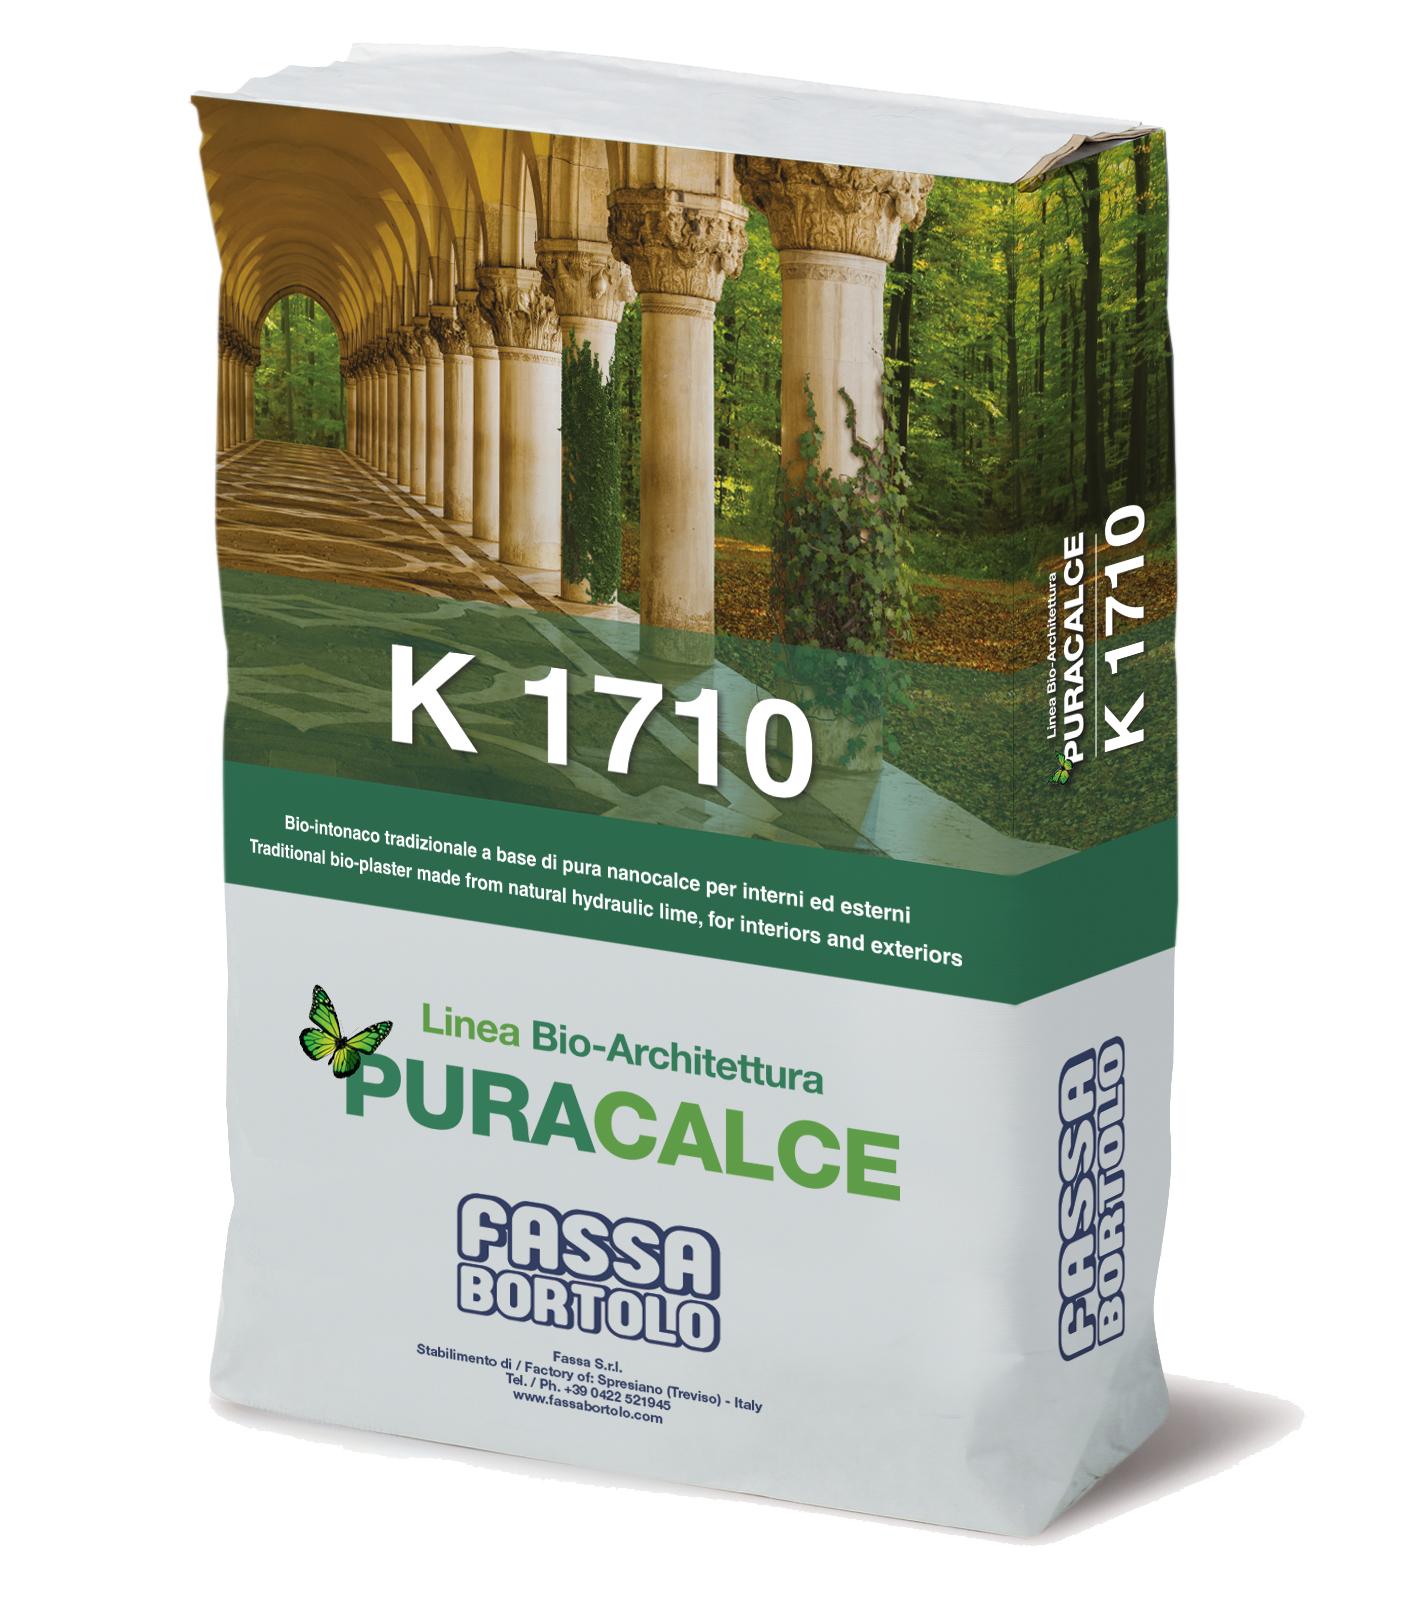 K 1710: Traditioneller Bio-Grundputz mit Puzzolanwirkung, faserverstärkt, auf der Basis von reinem Nanokalk, für innen und außen